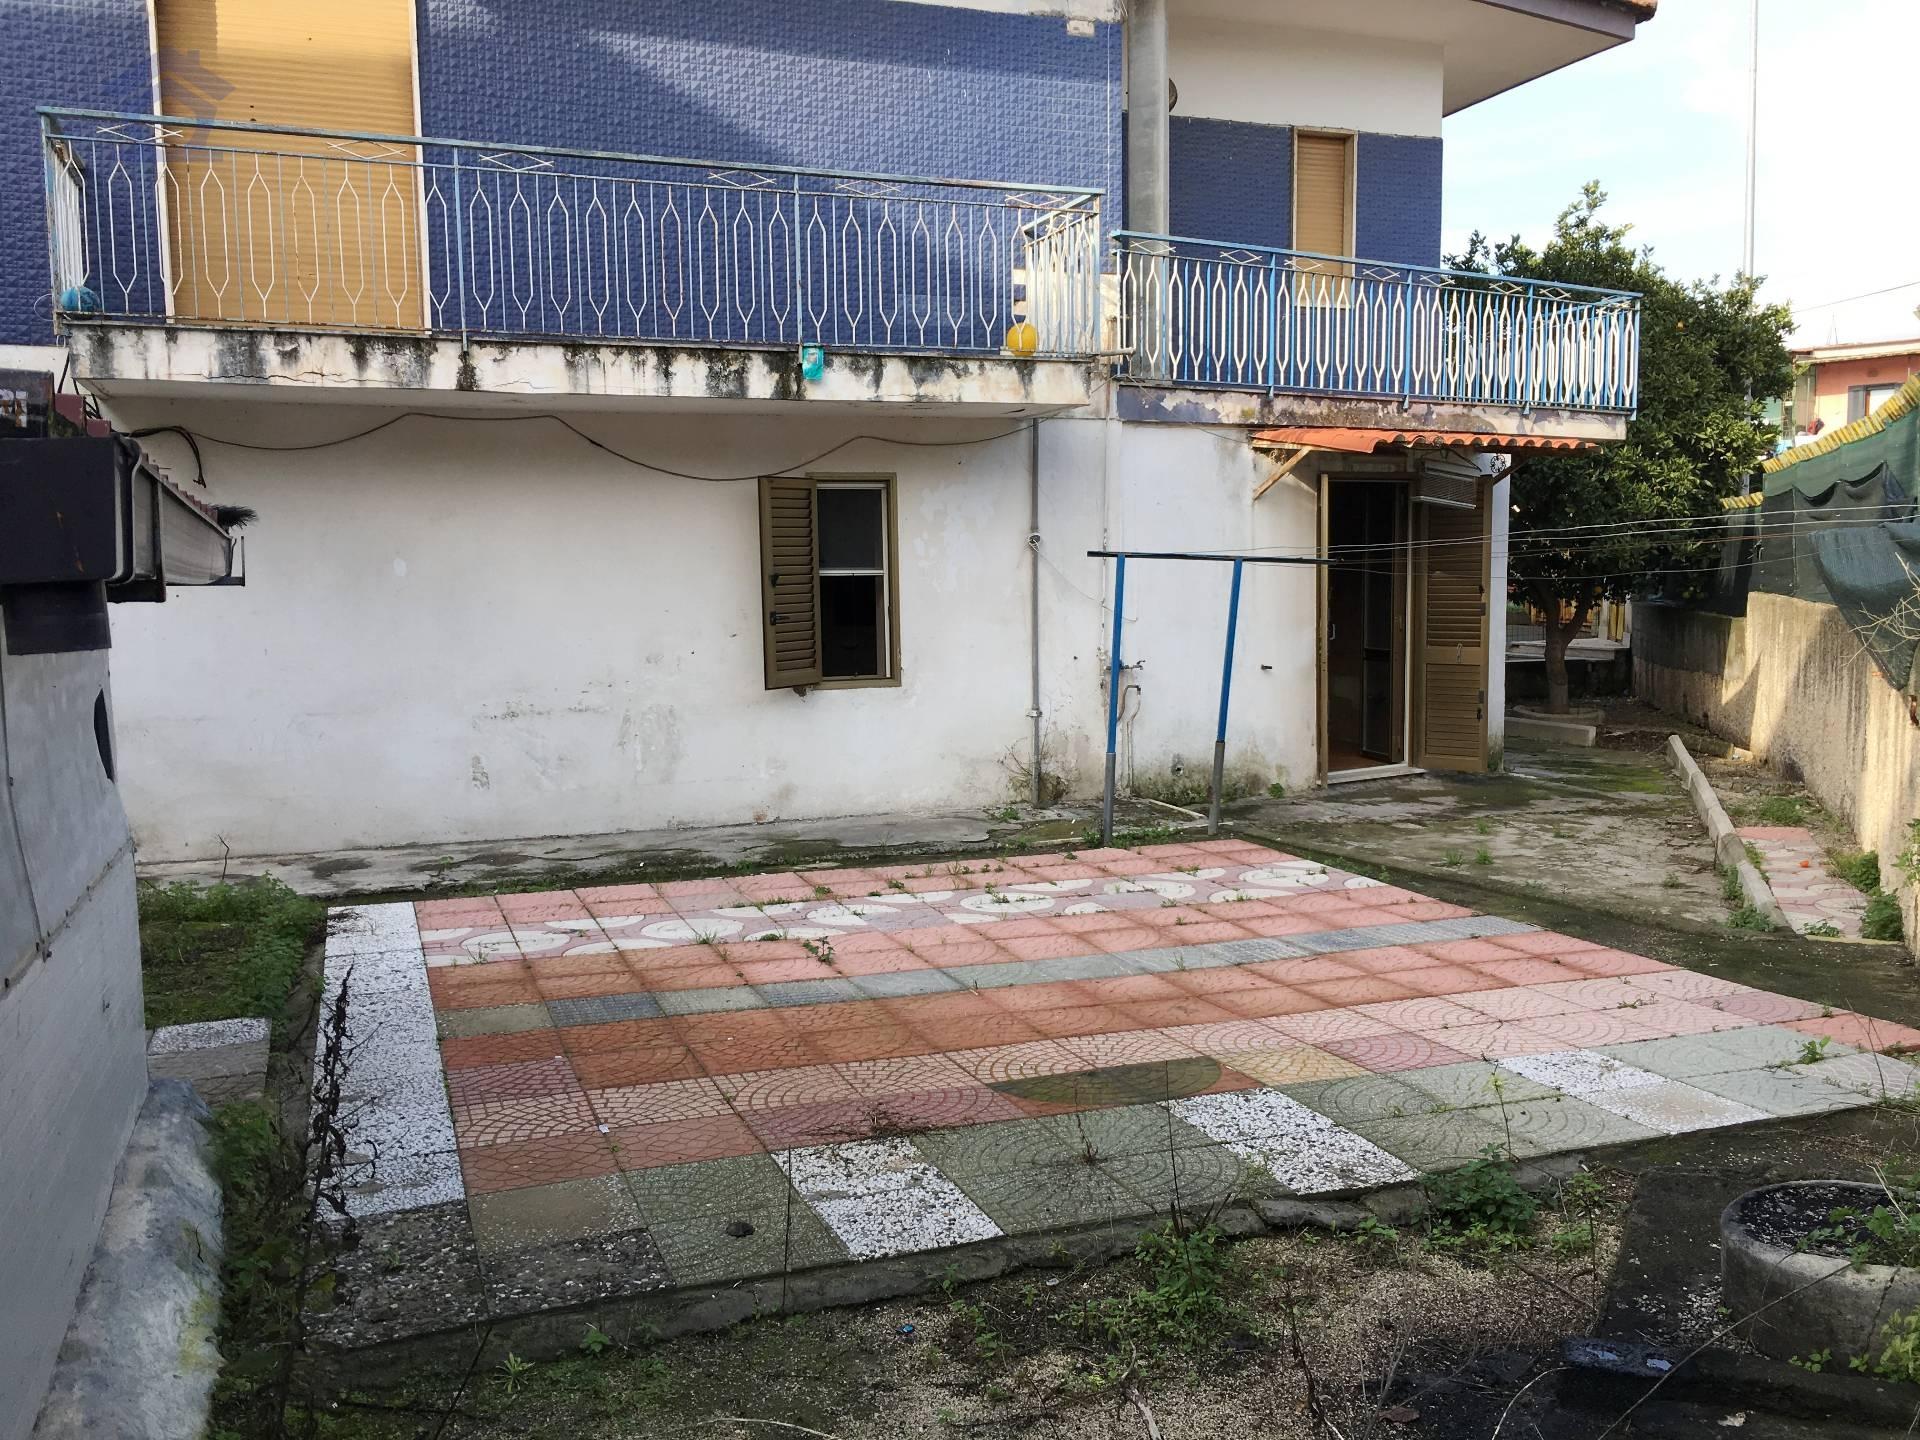 Appartamento in vendita a Torre Annunziata, 3 locali, zona Località: sud, prezzo € 95.000   Cambio Casa.it